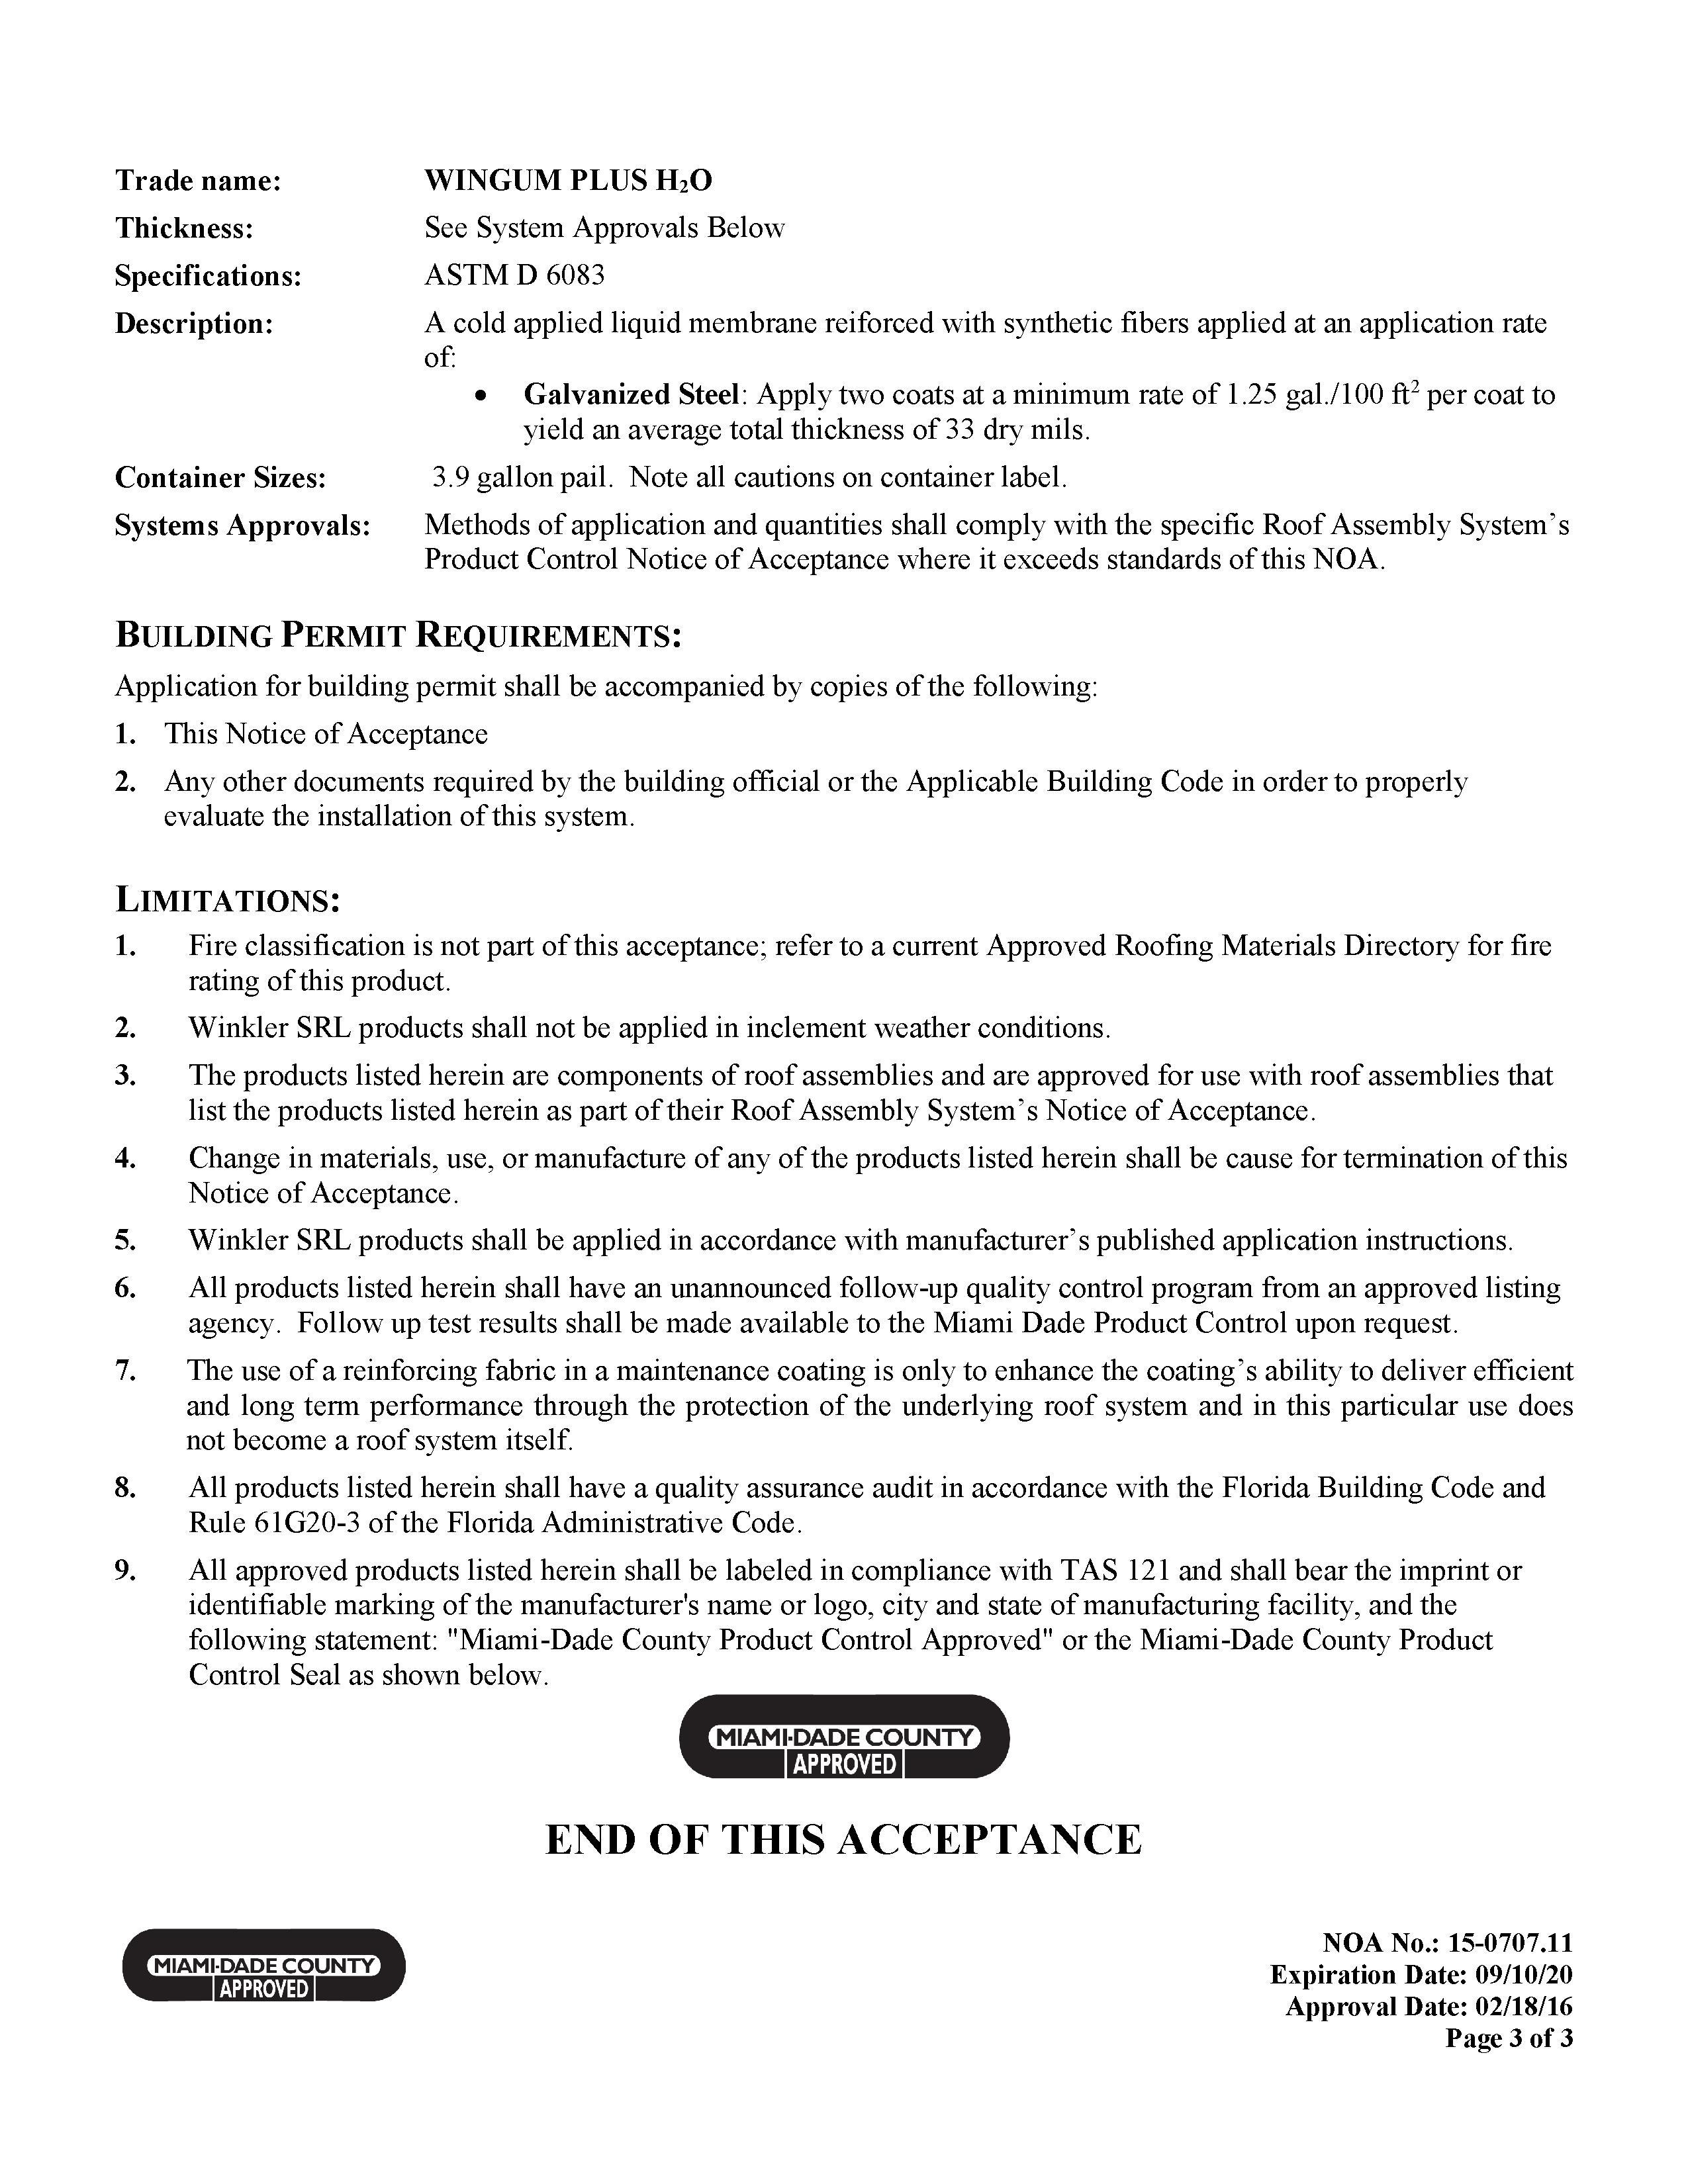 אישור-המיאמי-דייד-לעמידות-להוריקנים-3